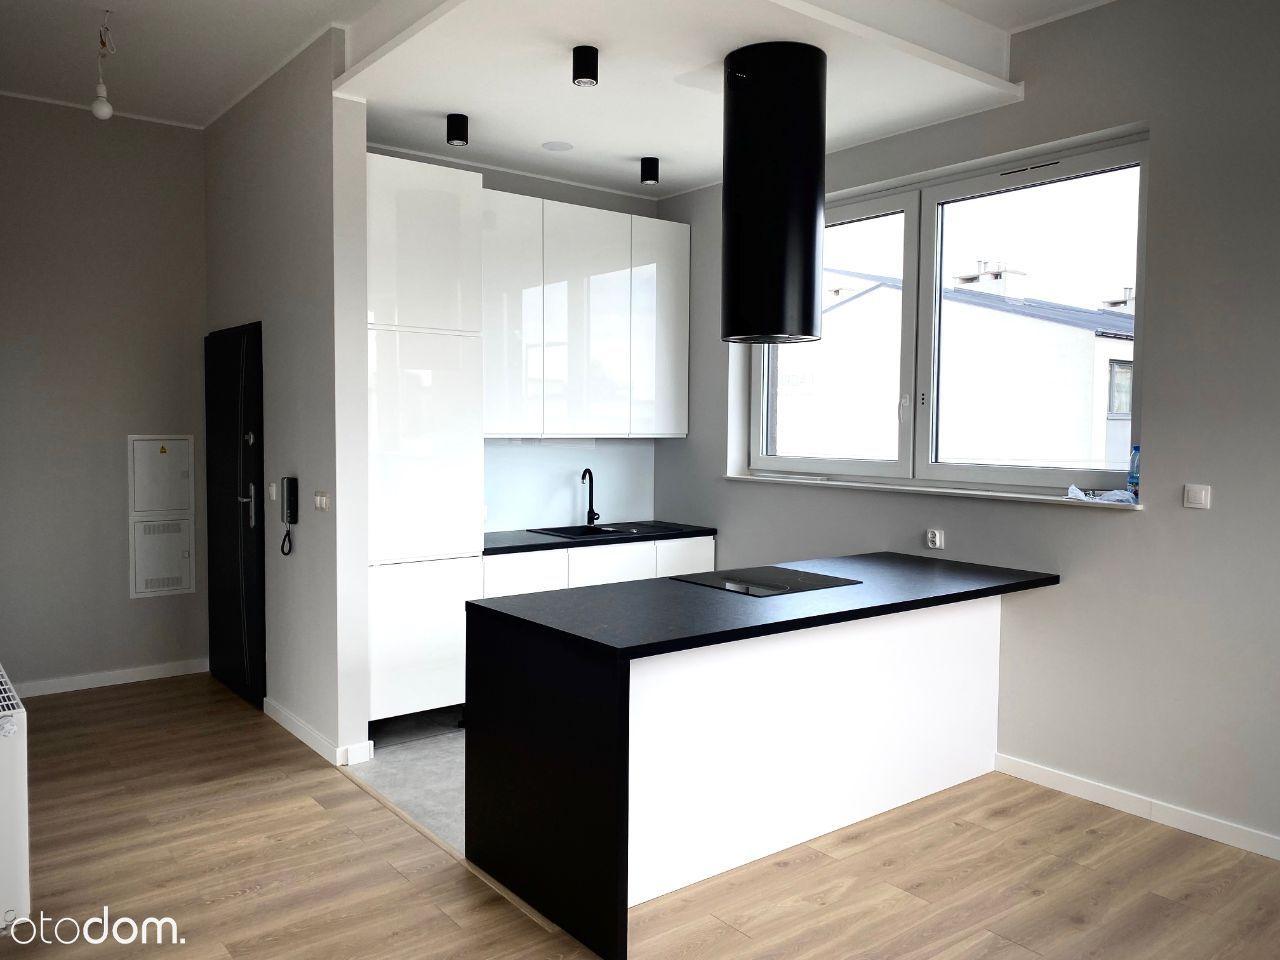 Apartament 74,22 m2 - gotowy do zamieszkania